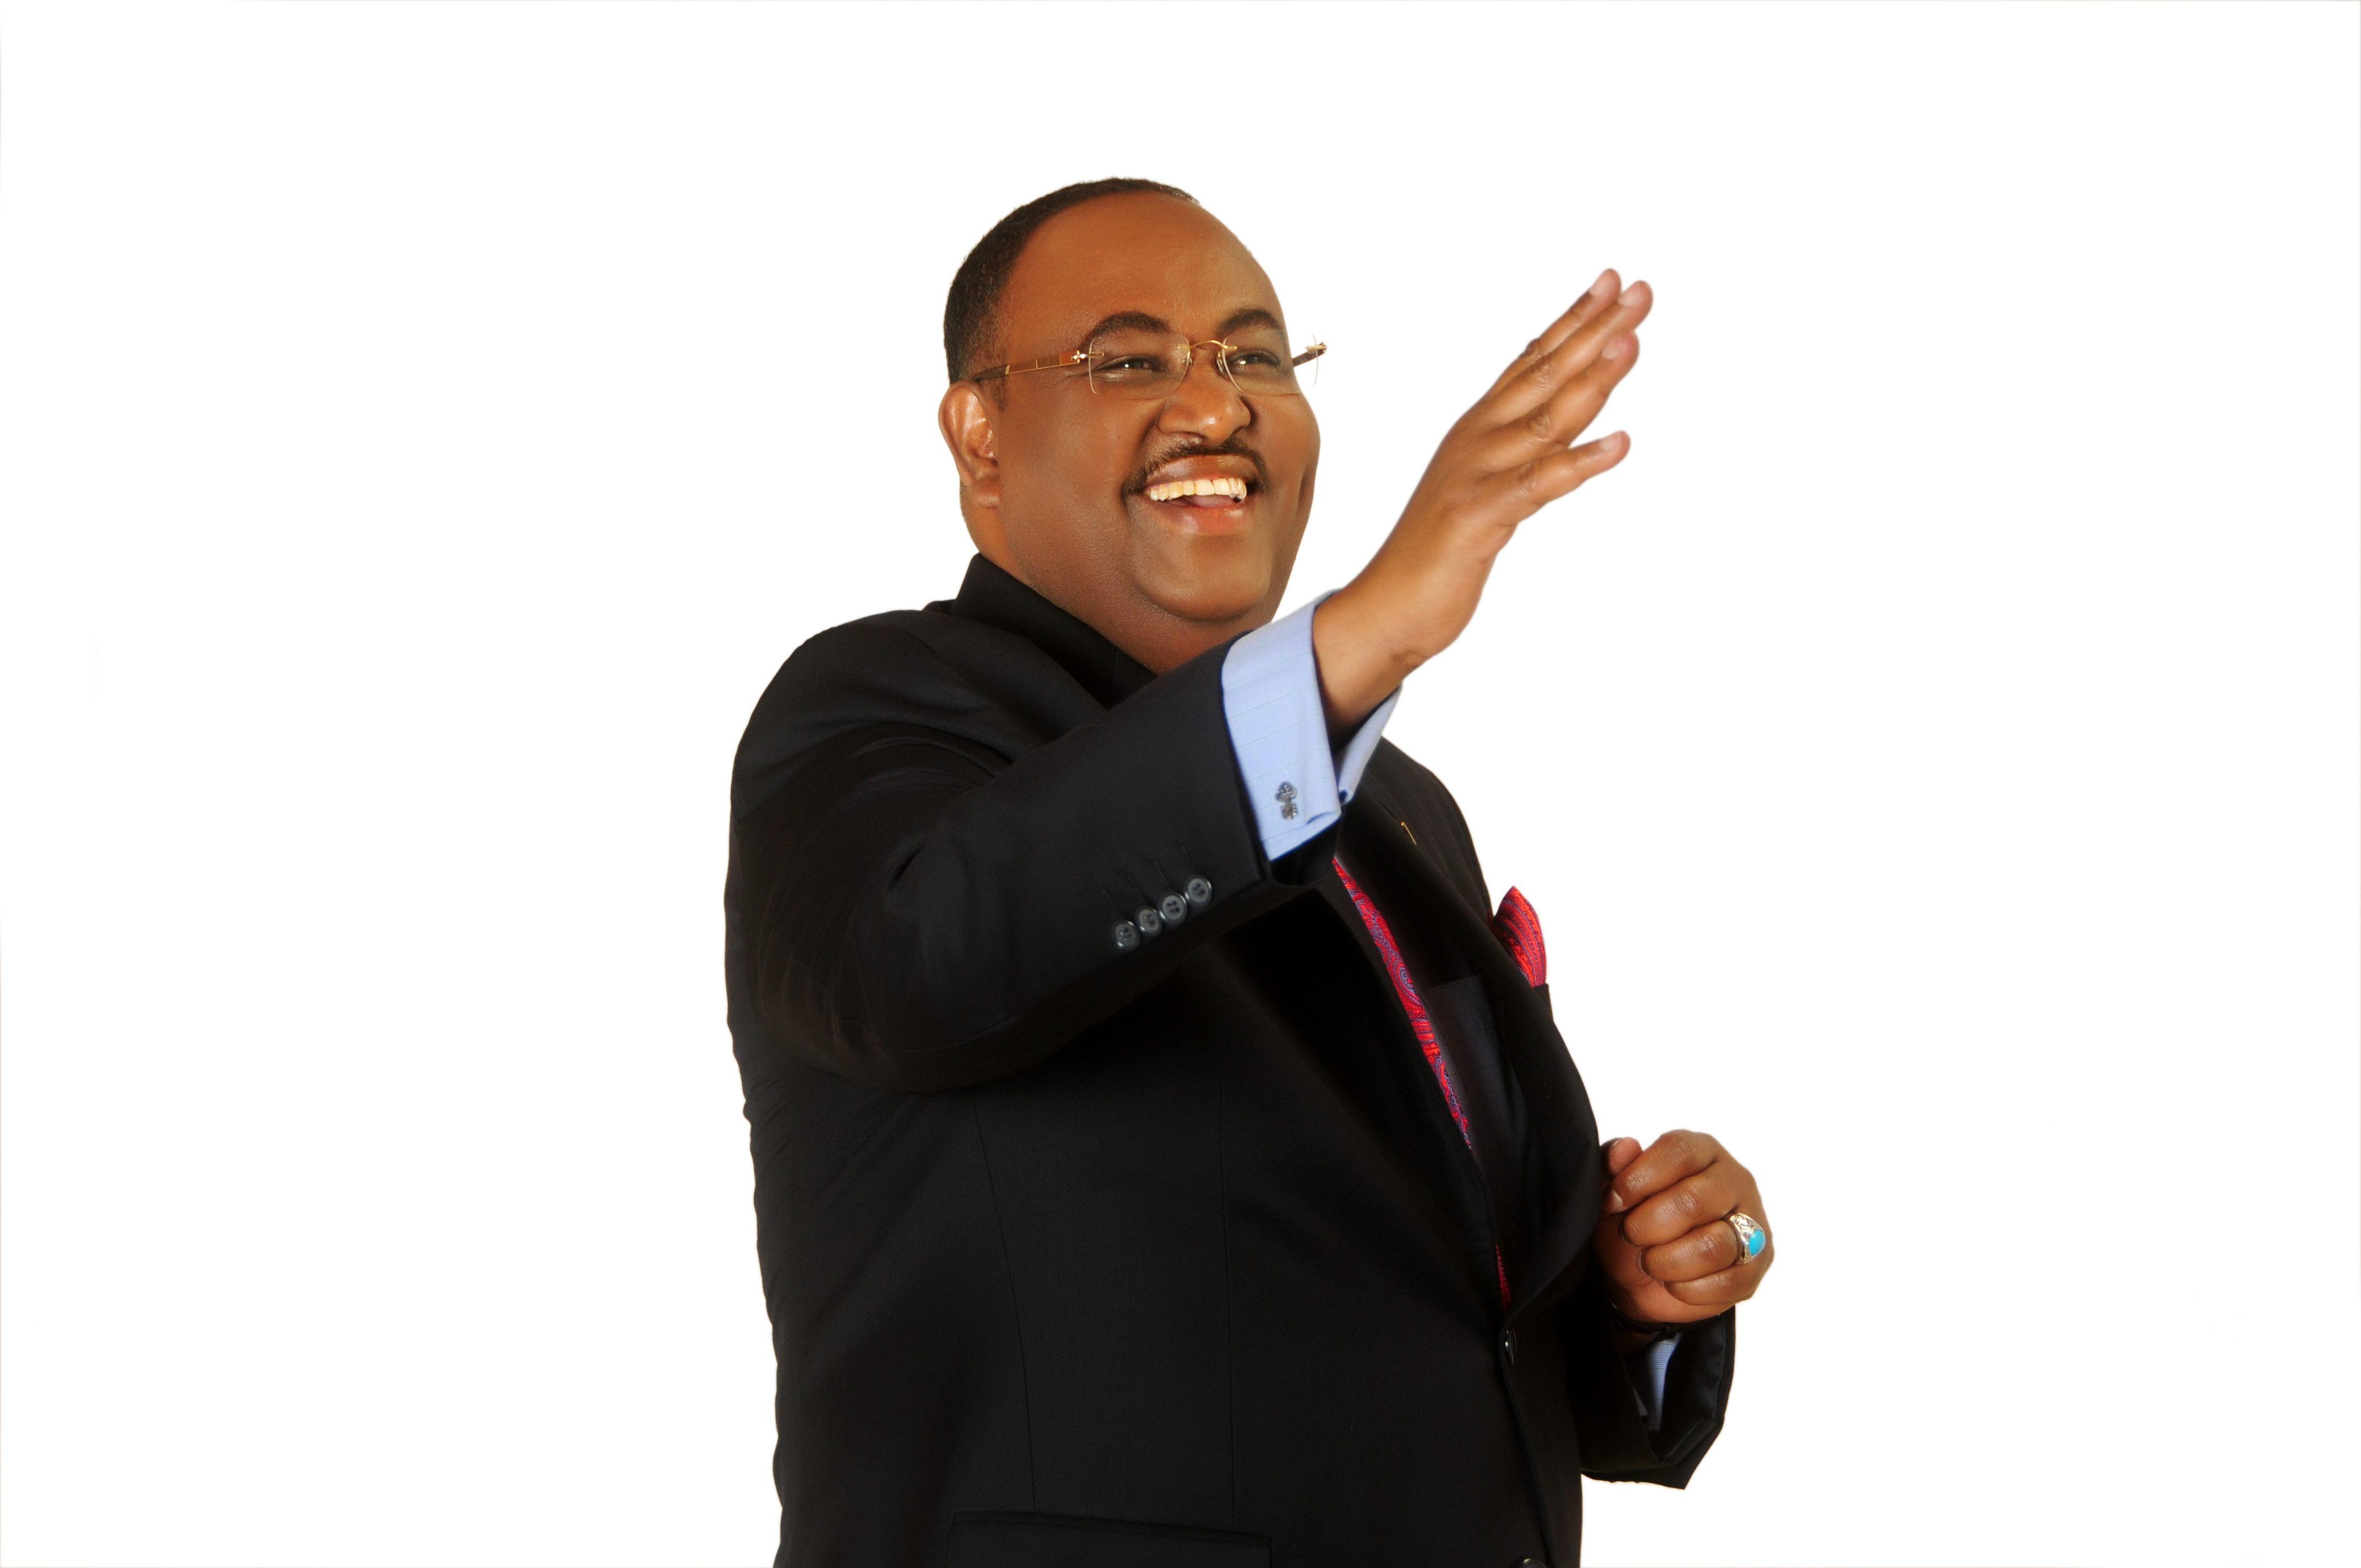 Kulan lagu taagerayo Madaxweyne Deni oo Burtinle ka dhacday (Daawo)